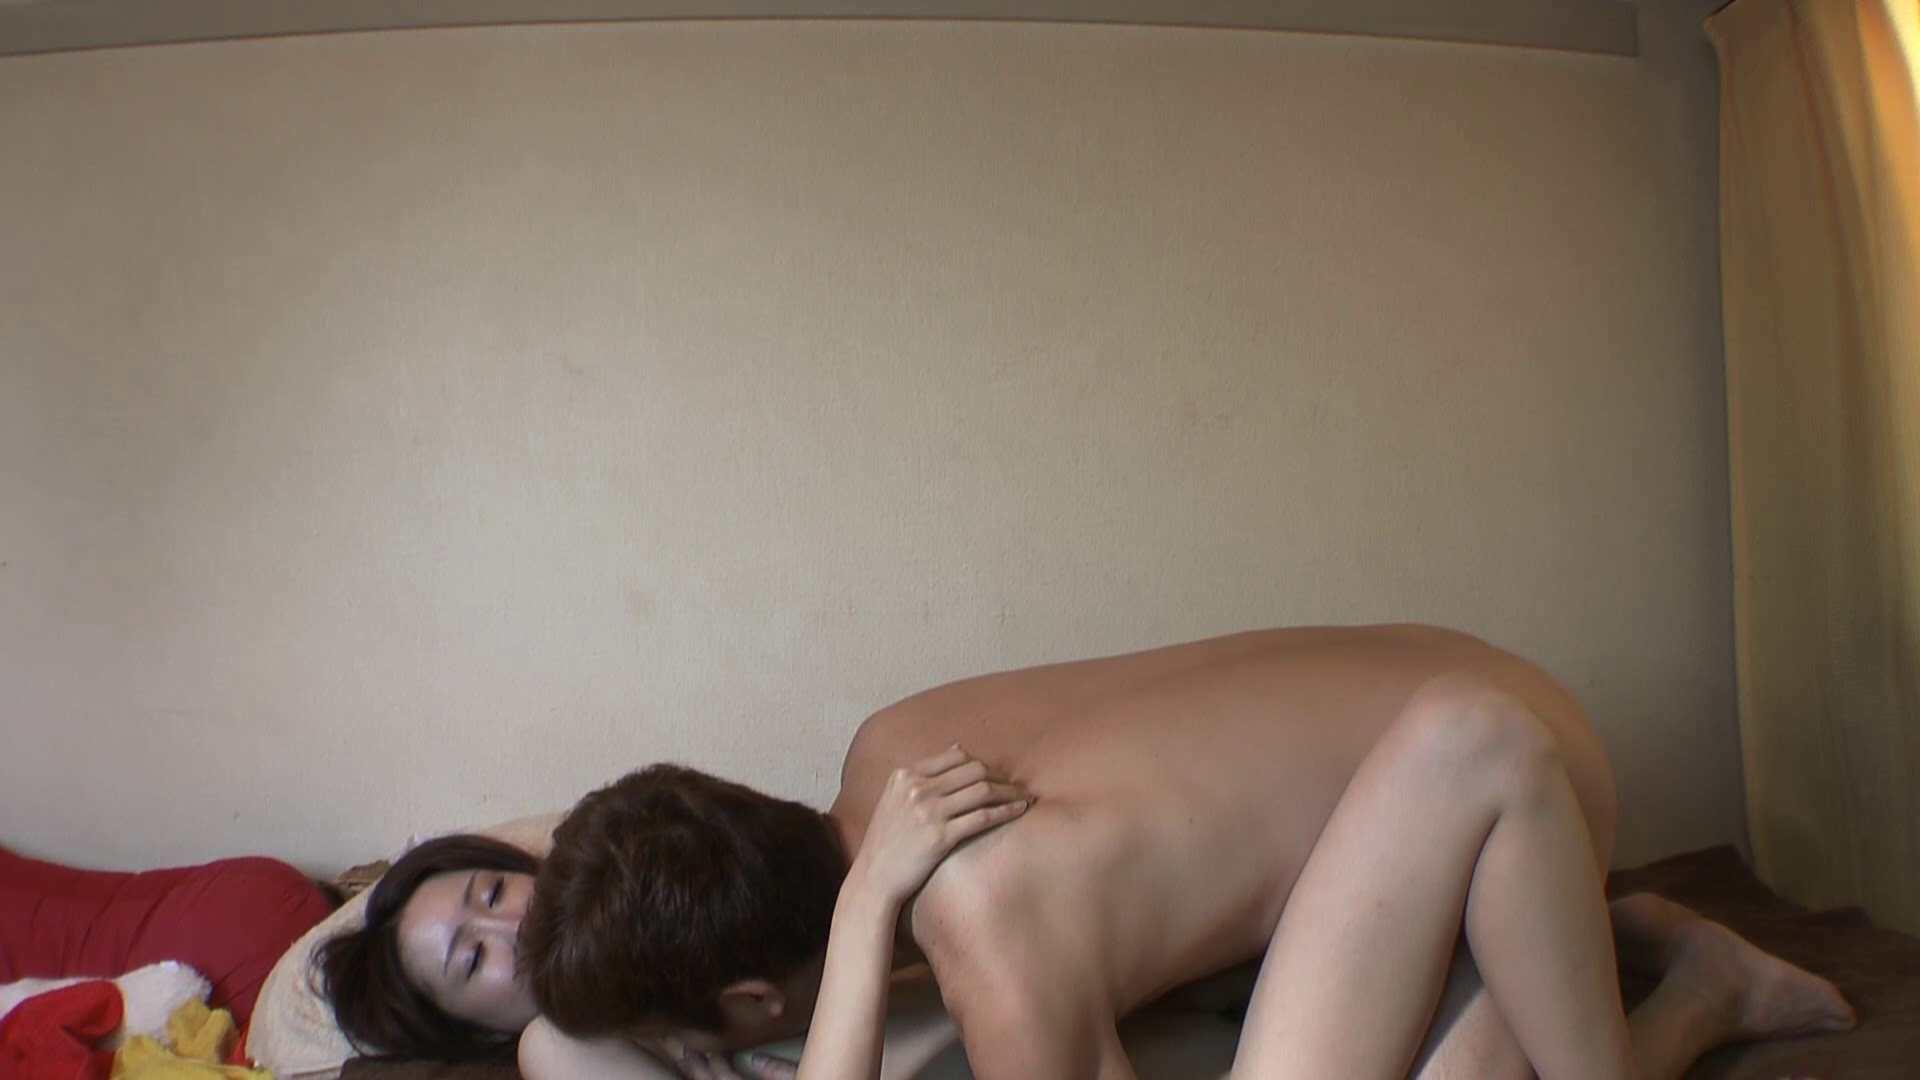 隠撮店の女の子をつまみ喰い~yukivol.4 隠撮 | OL裸体  107画像 106